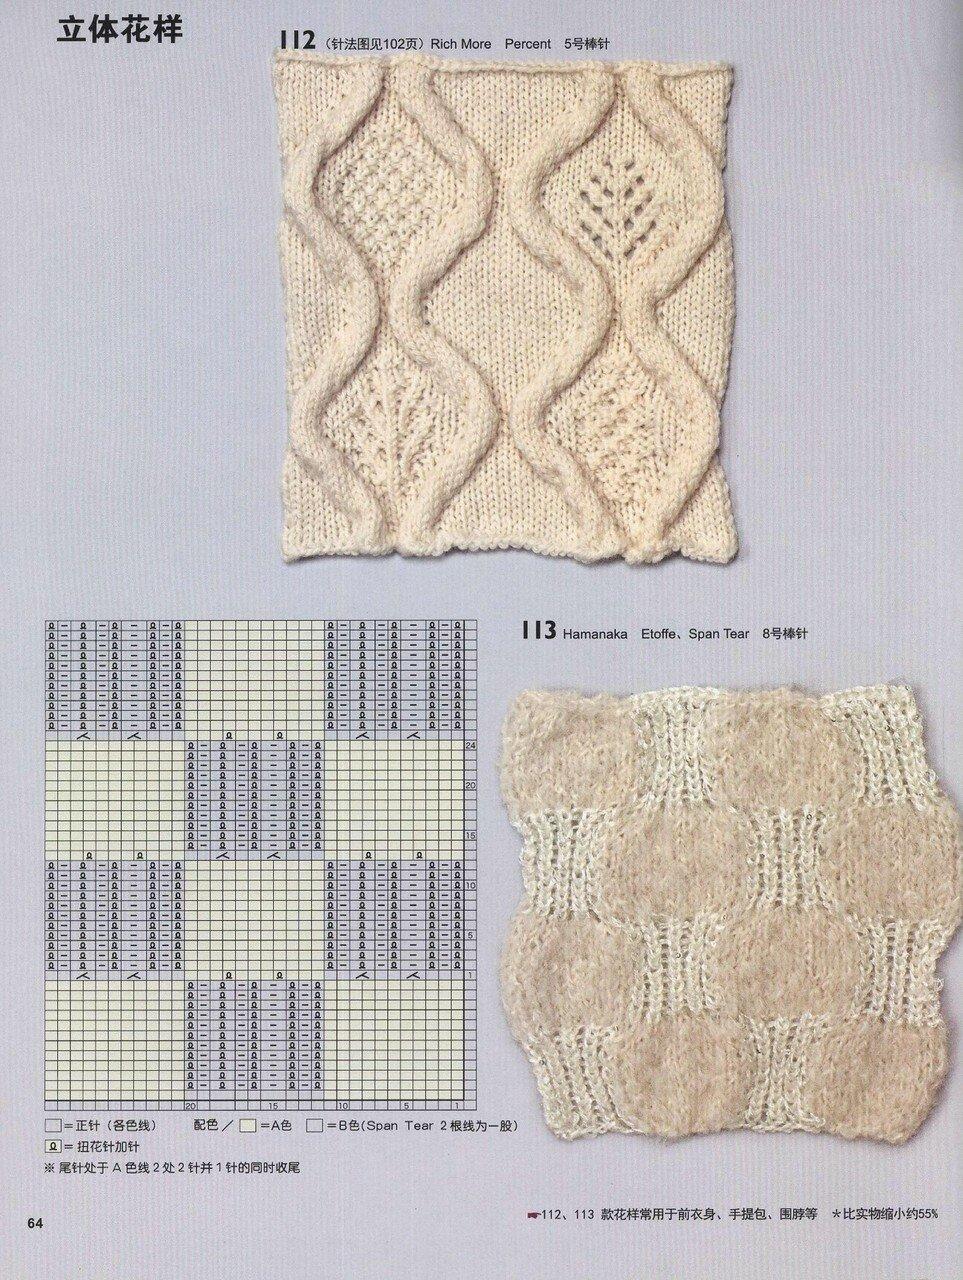 150 Knitting_66.jpg